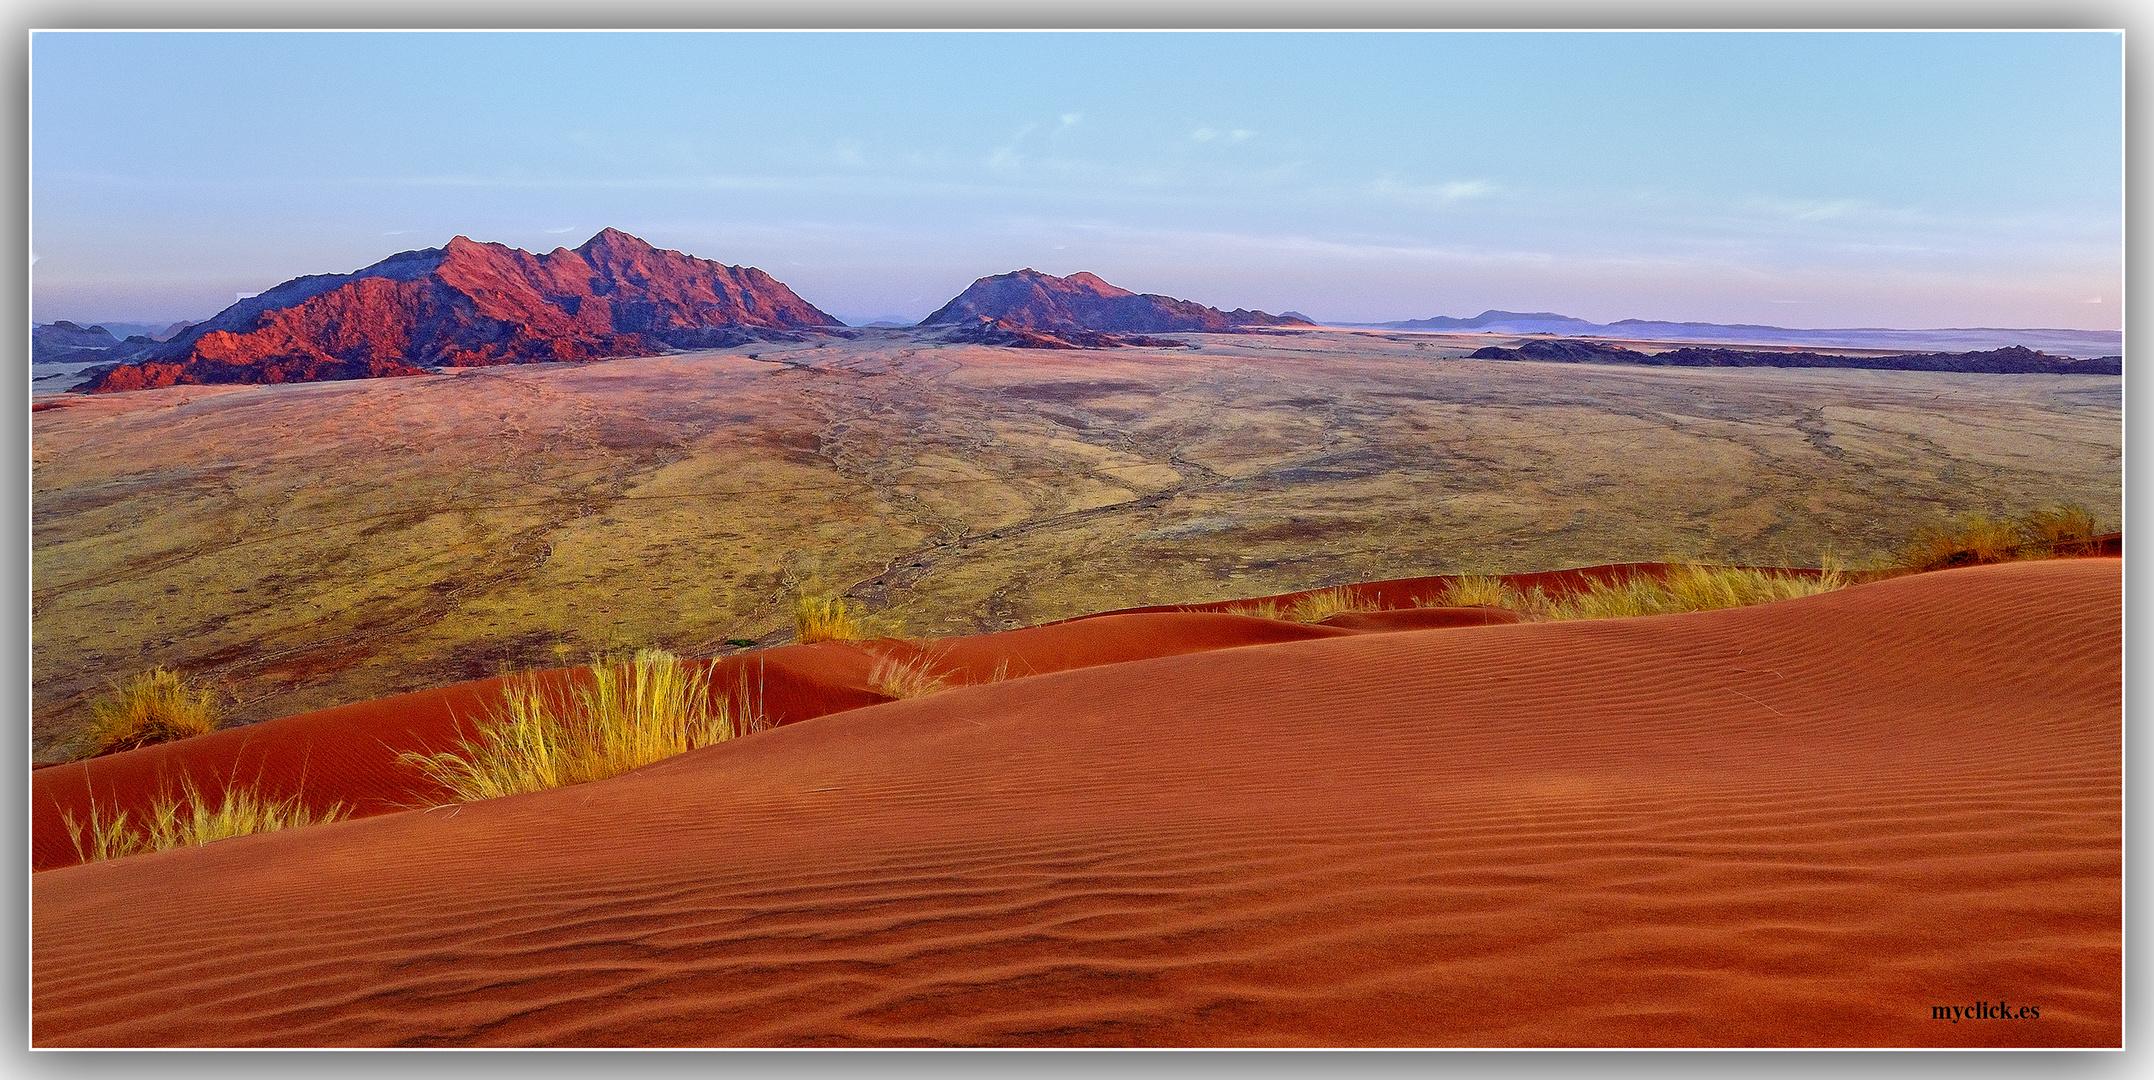 MEMORIAS DE AFRICA-LAS DUNAS DE SOSSUVLEI -NAMIBIA